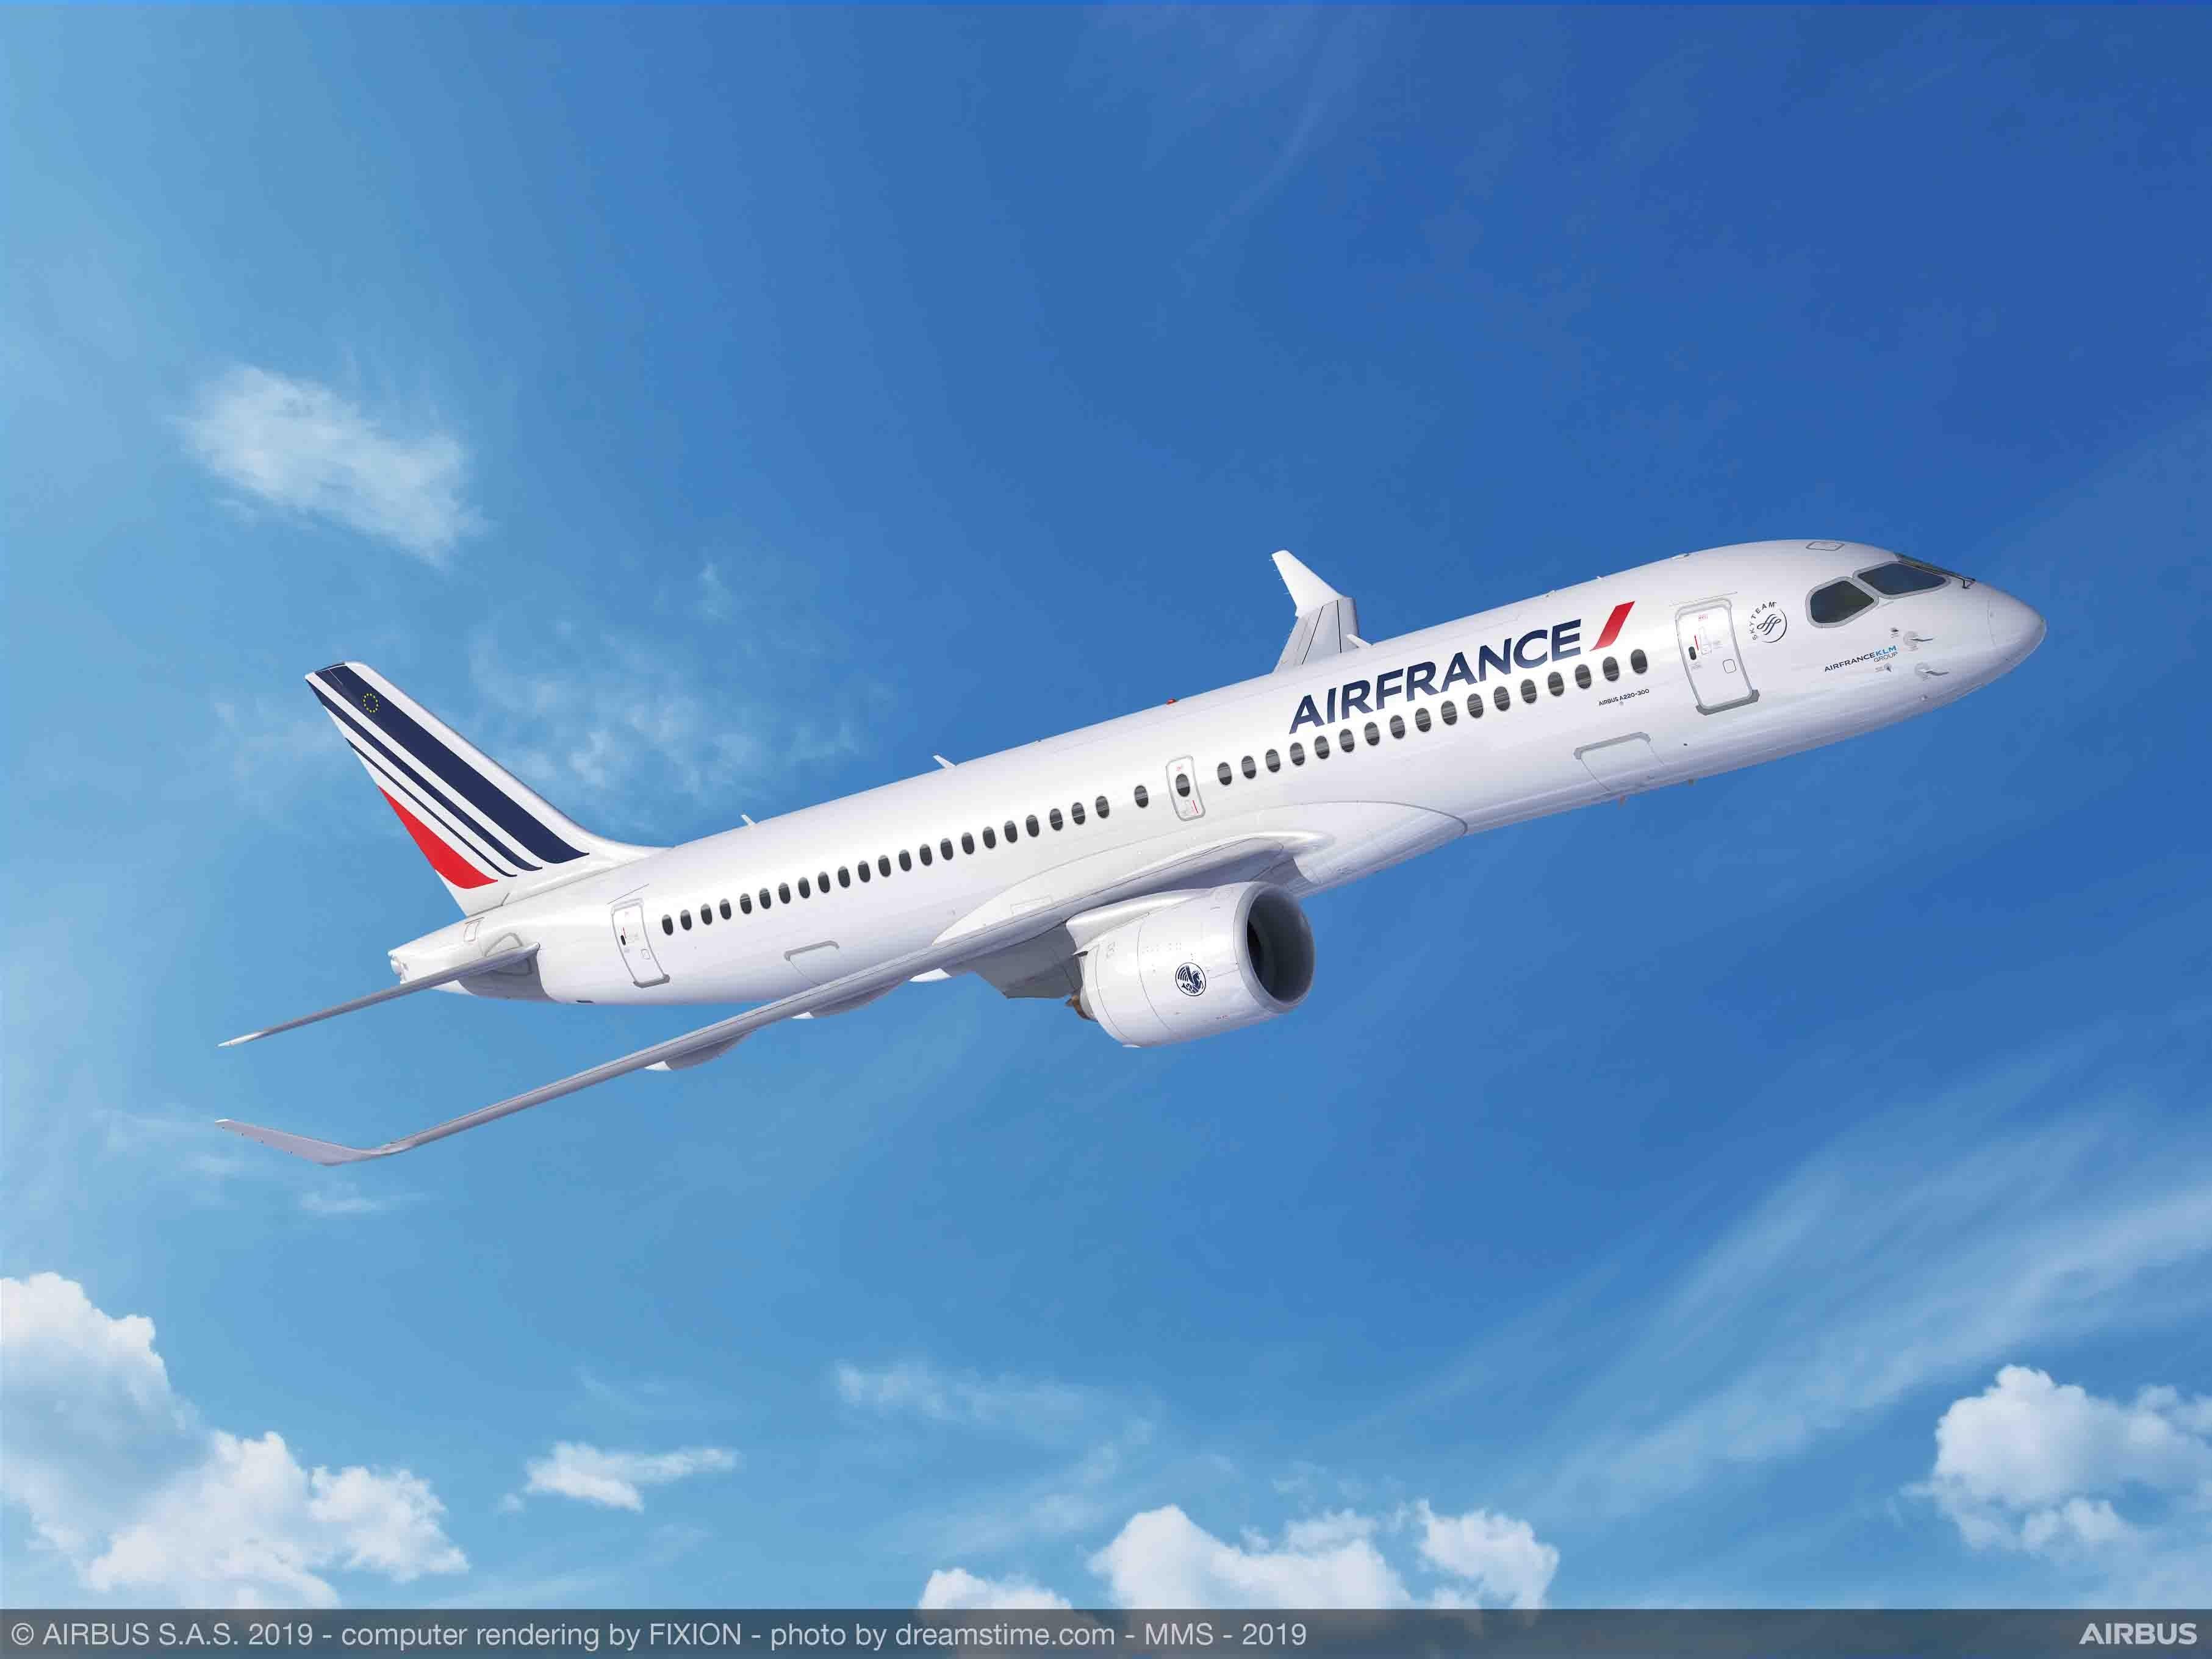 法荷航集团与空客签署协议 订购60架空客A220飞机